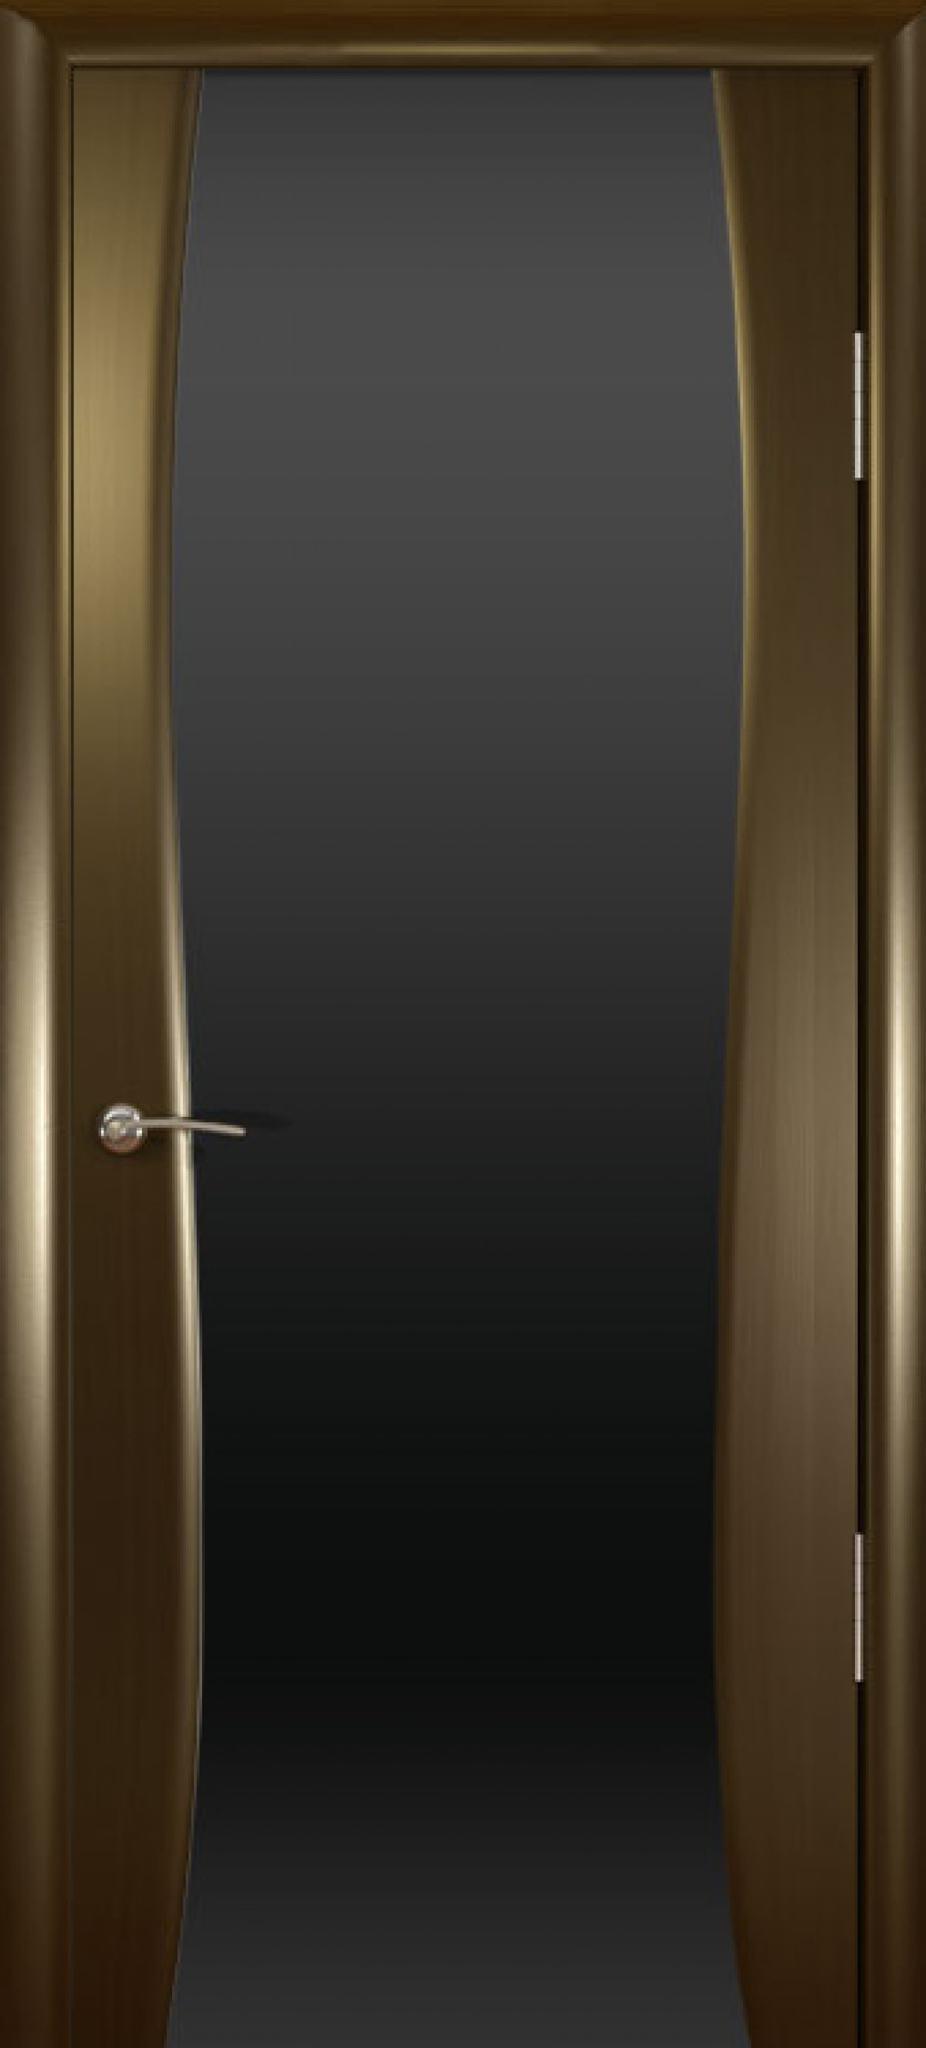 давления как затемнить стекло в межкомнатной двери заворожит улыбка поведение